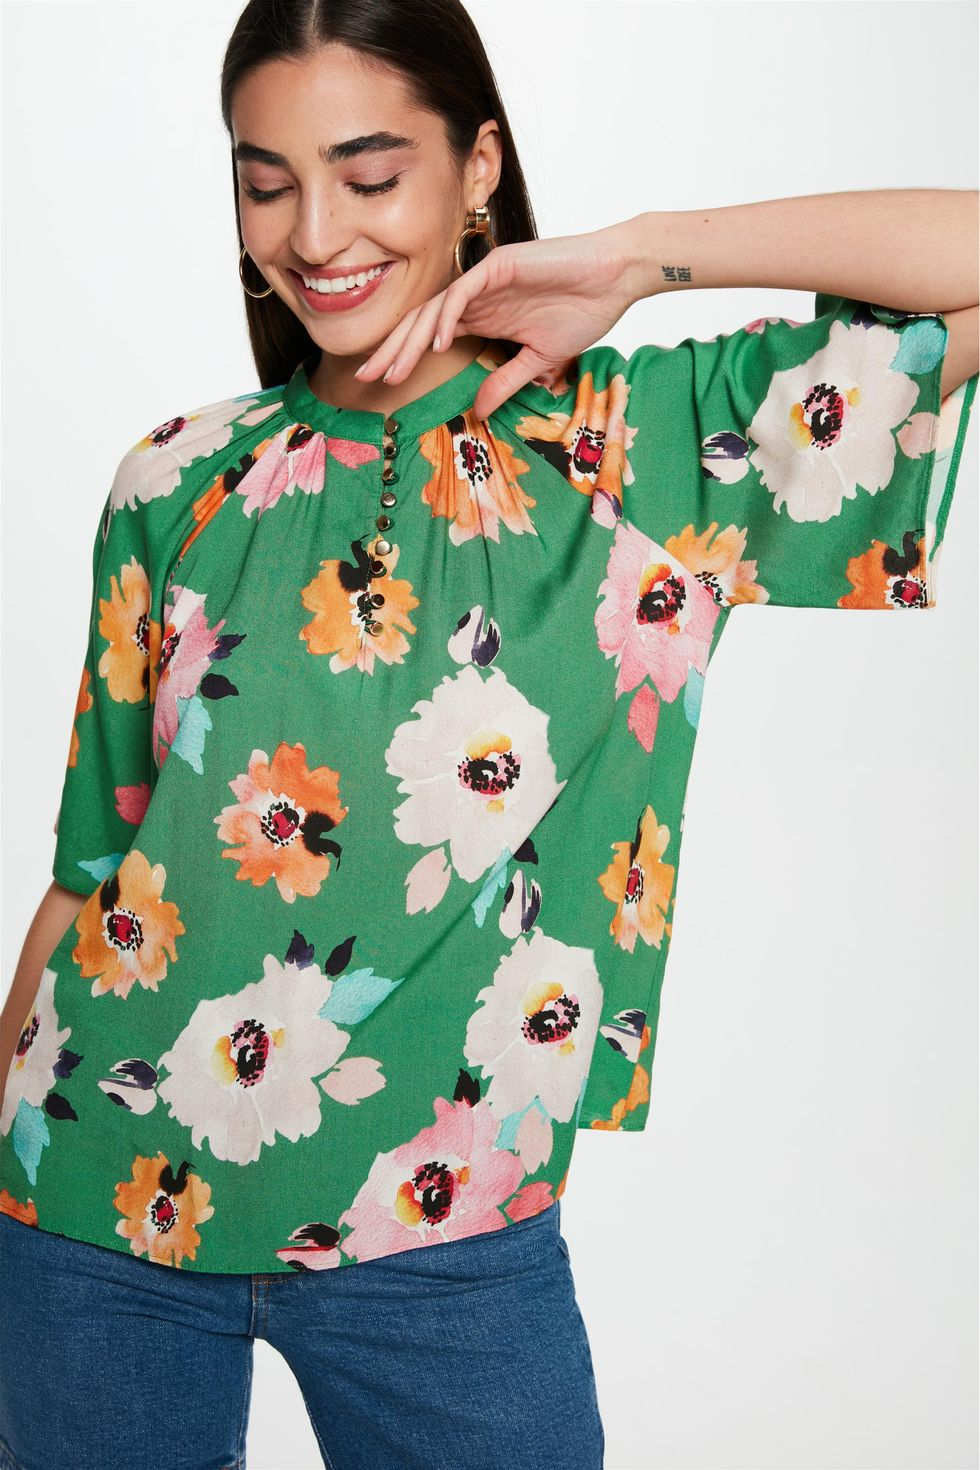 Blusa-Solta-com-Estampa-Floral-Verde-Frente--